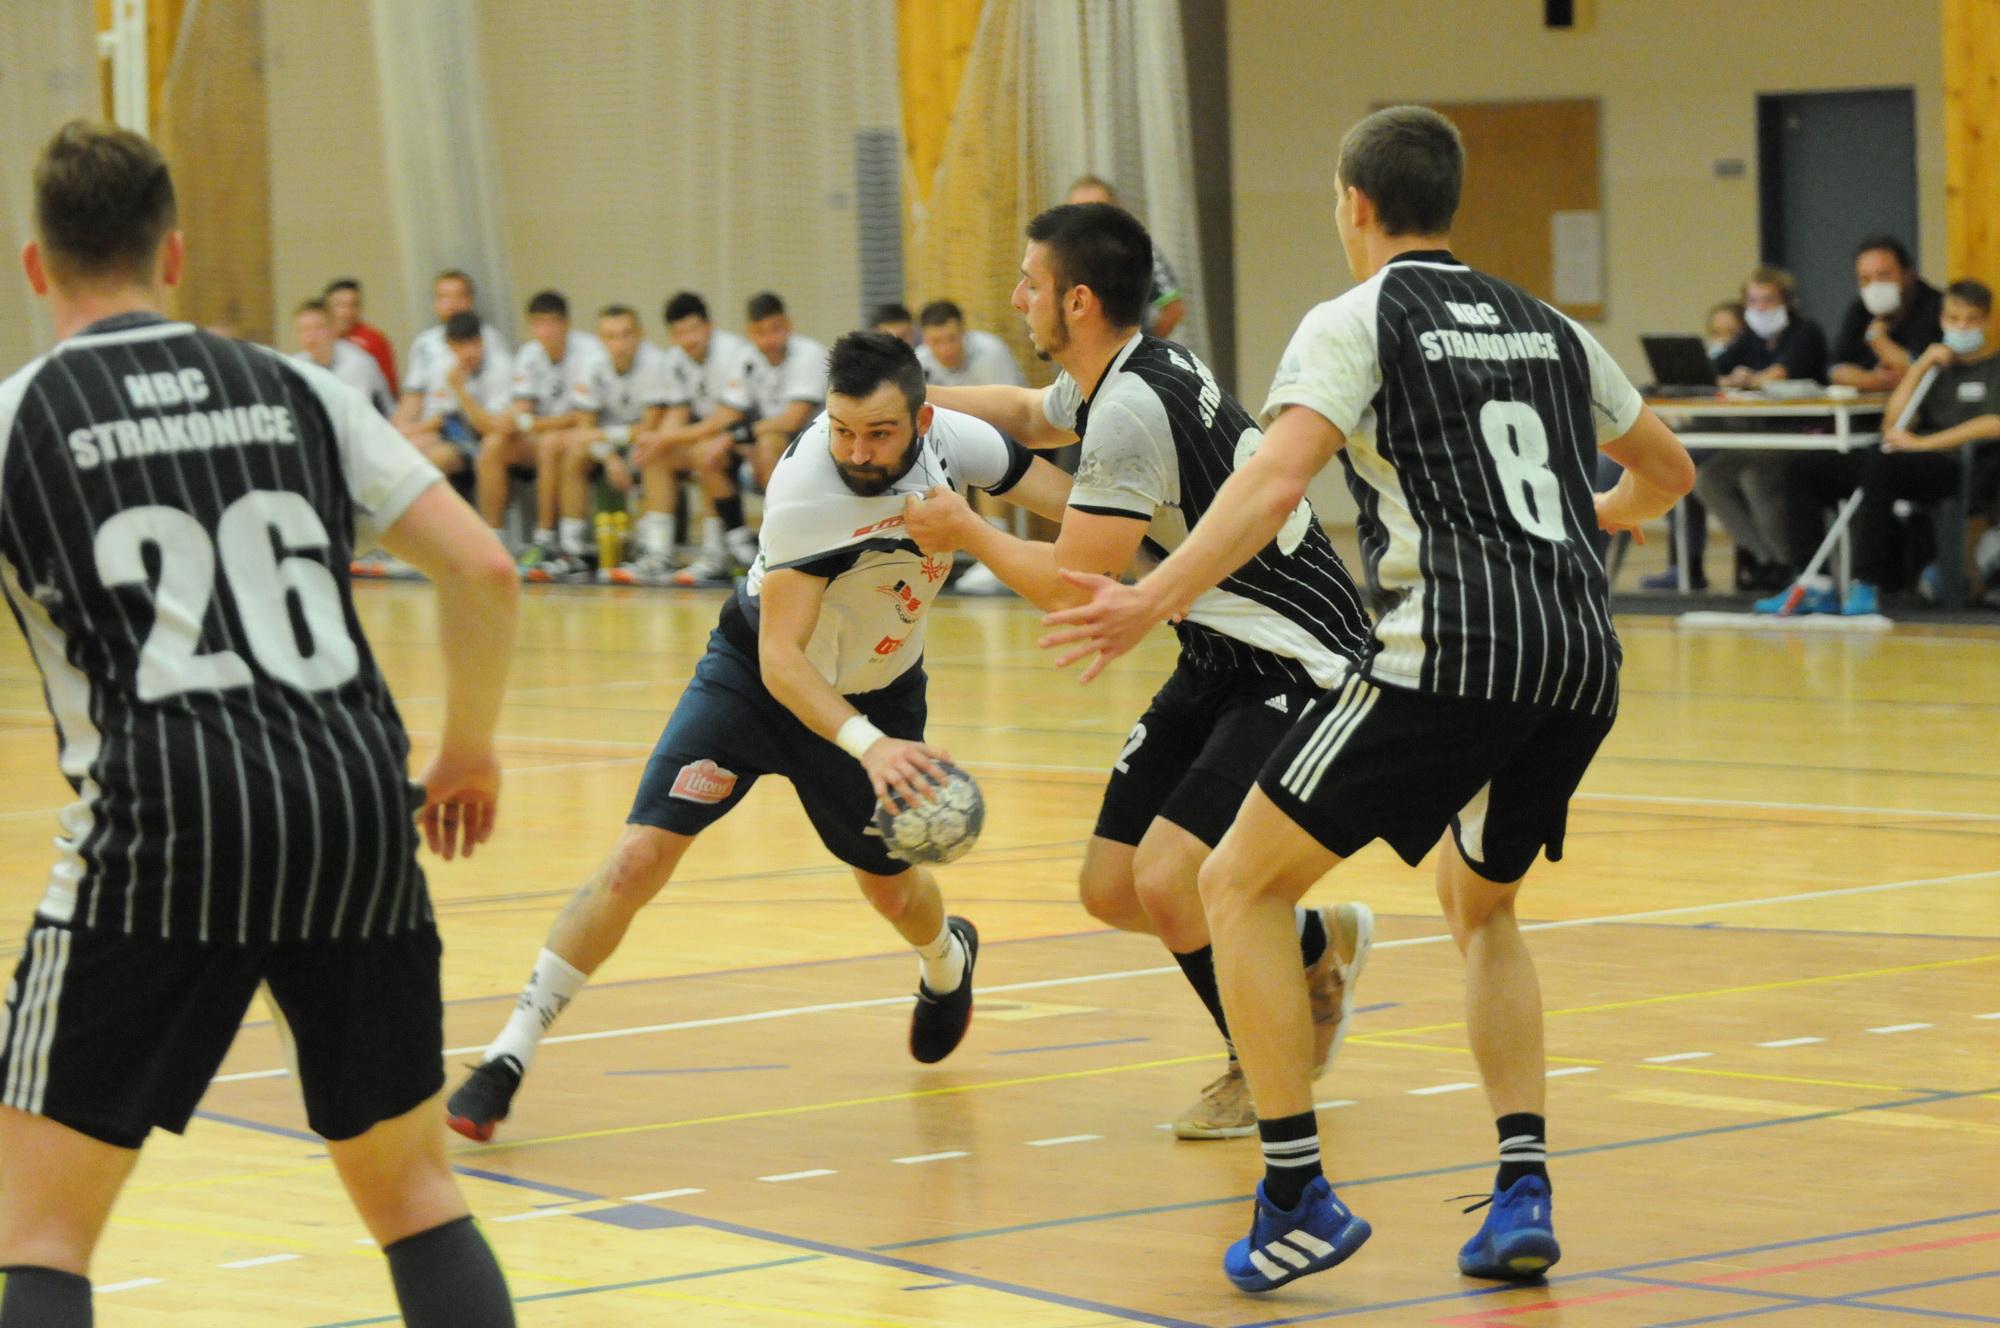 Házená - Amatérské a mládežnické soutěže házené jsou pro sezónu 2020/2021 zrušeny